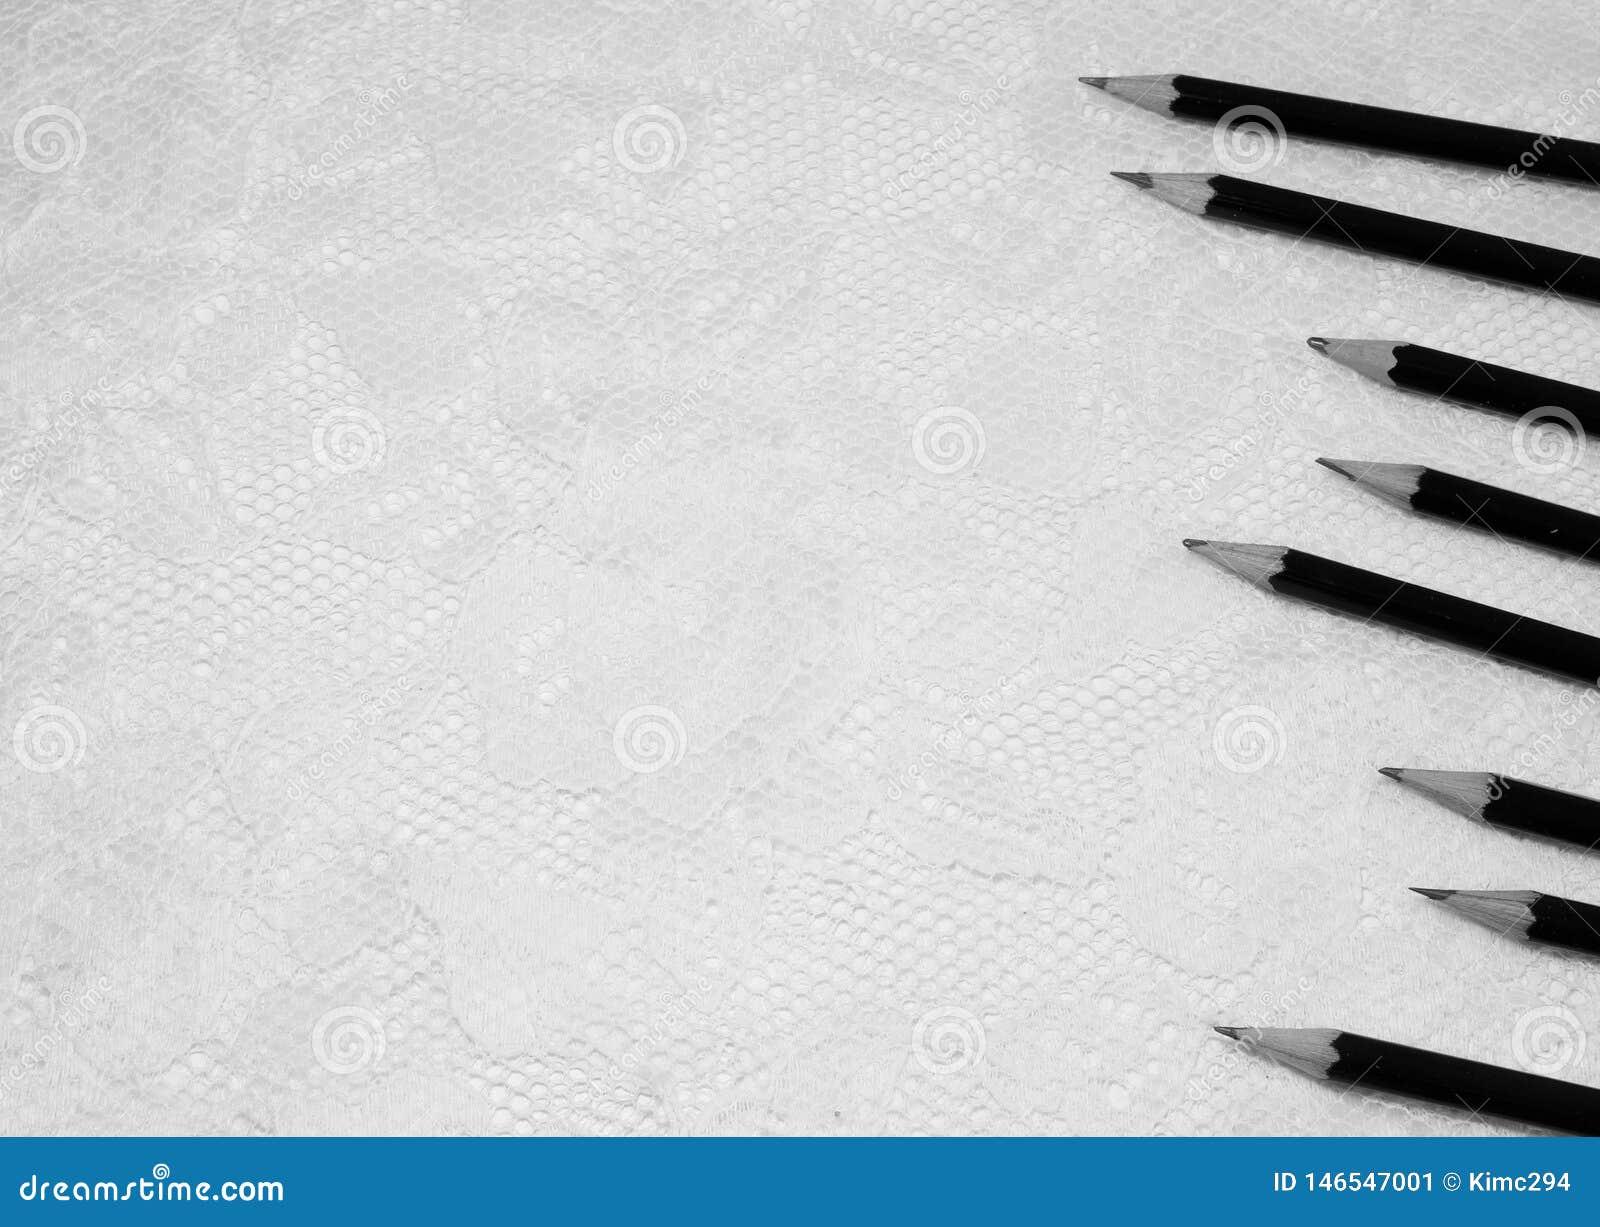 Einige skizzierende Bleistiftzeigungen in den verschiedenen lenghts auf der rechten Seite des Bildes